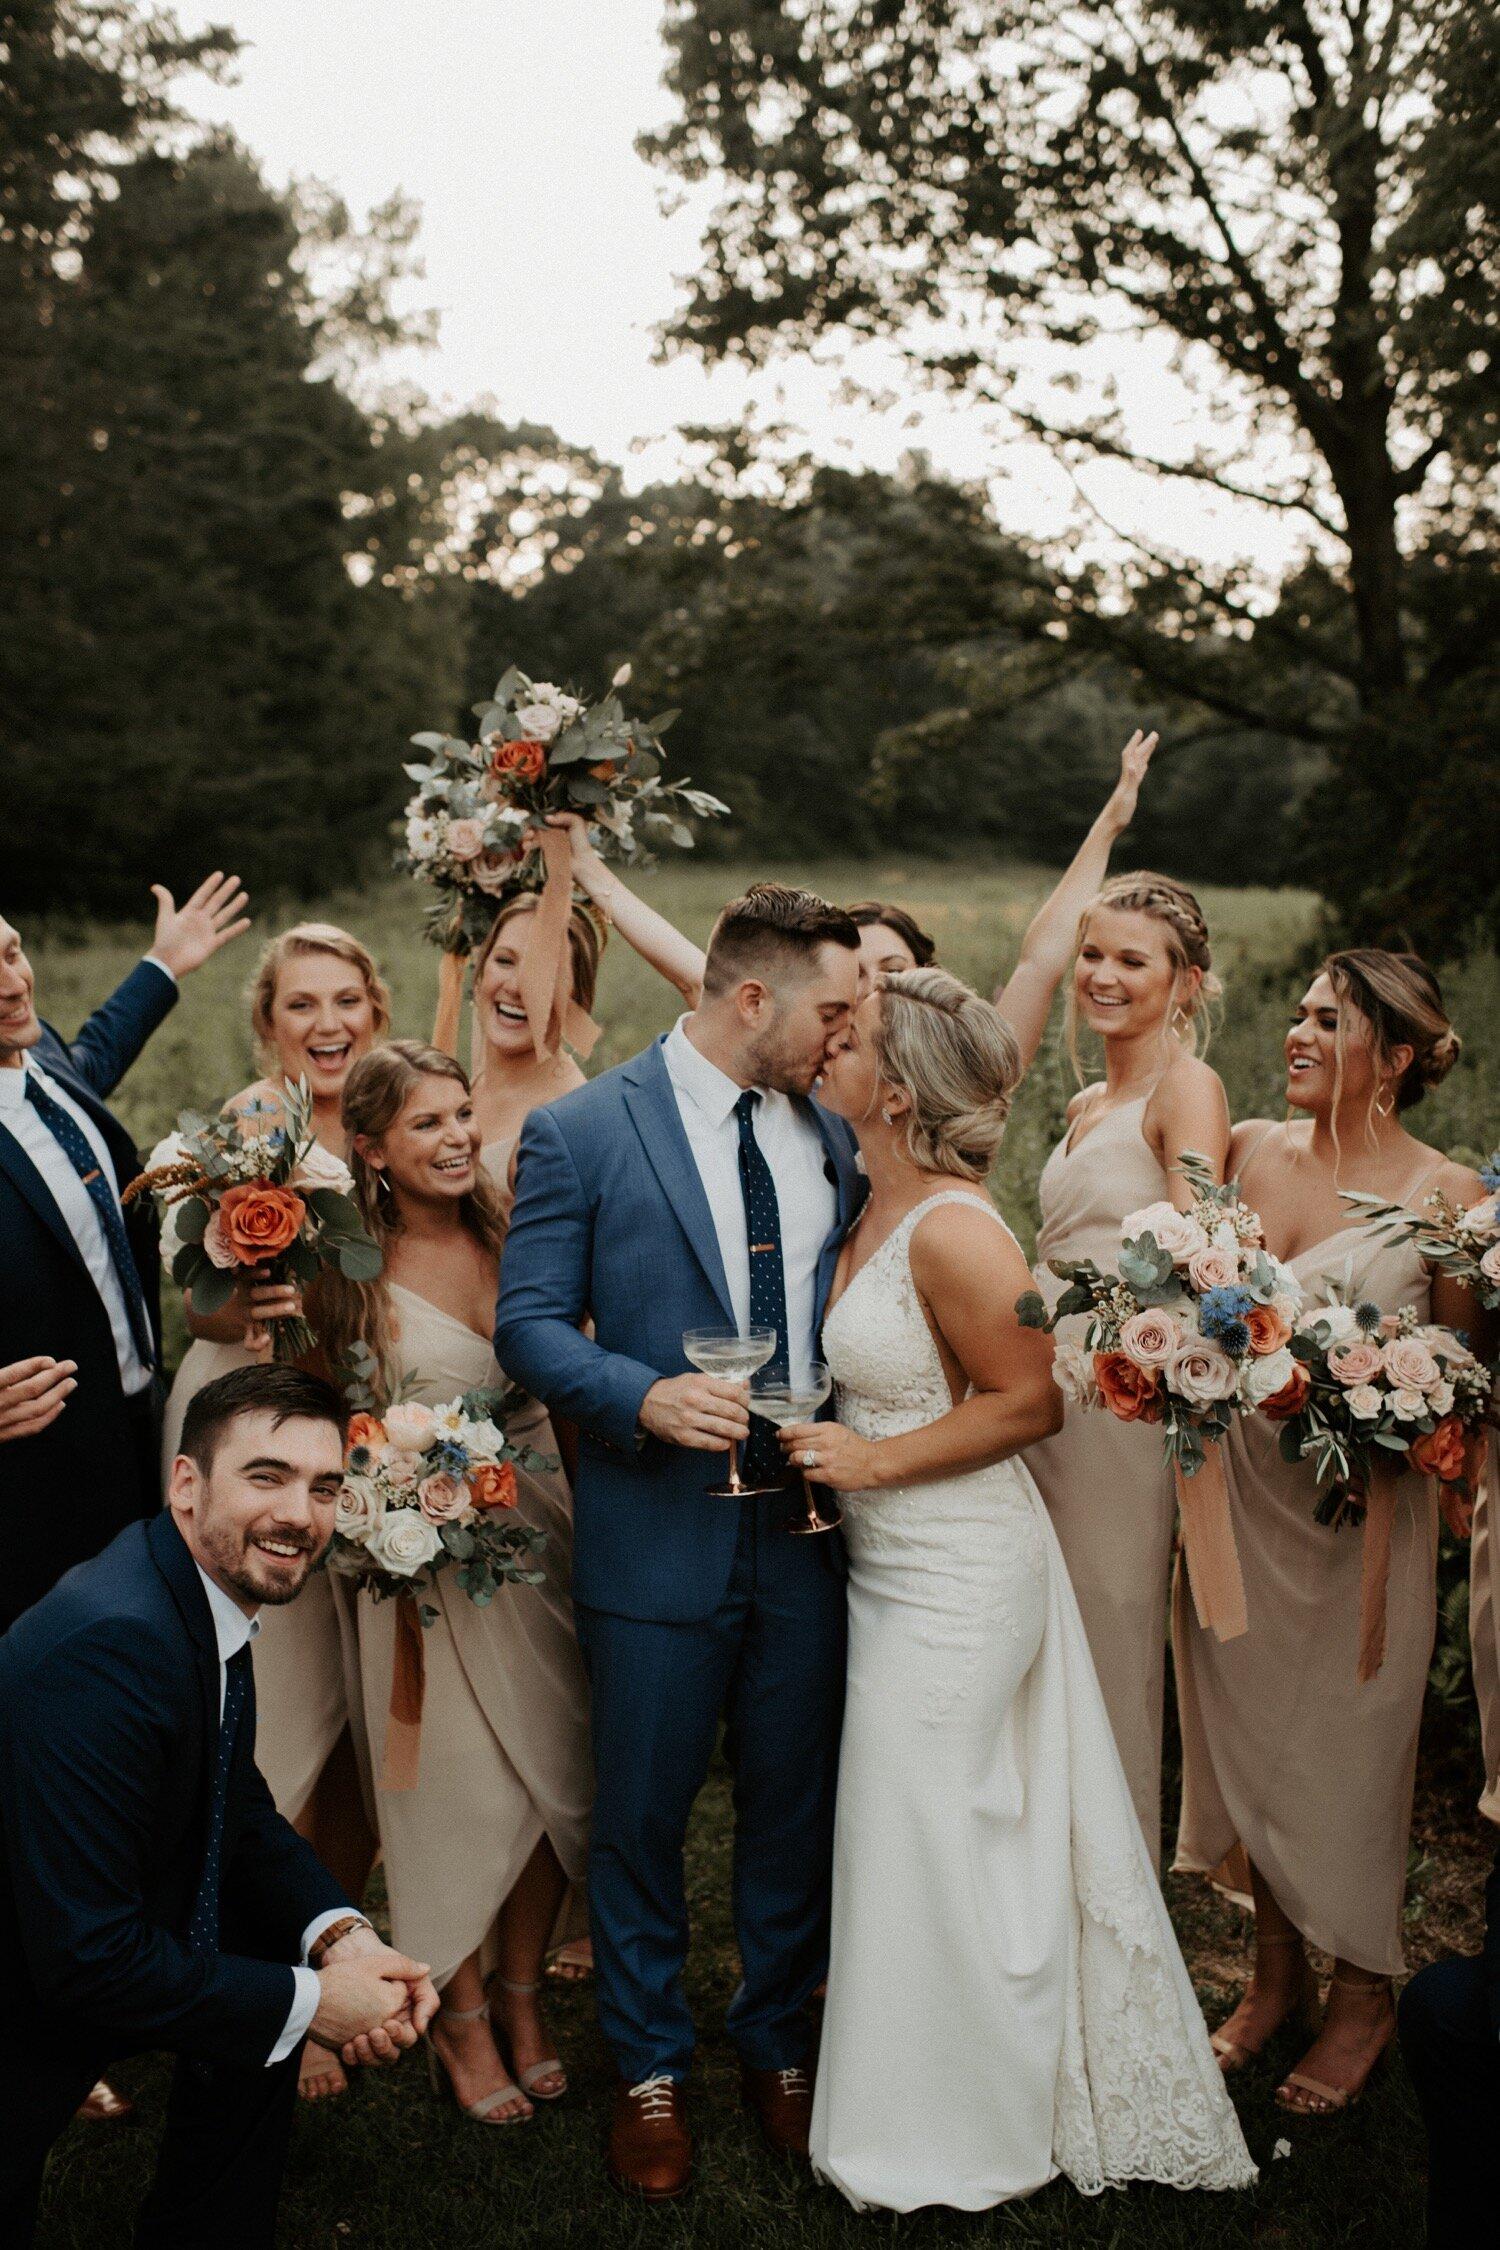 Onvoorziene kosten op een bruiloft